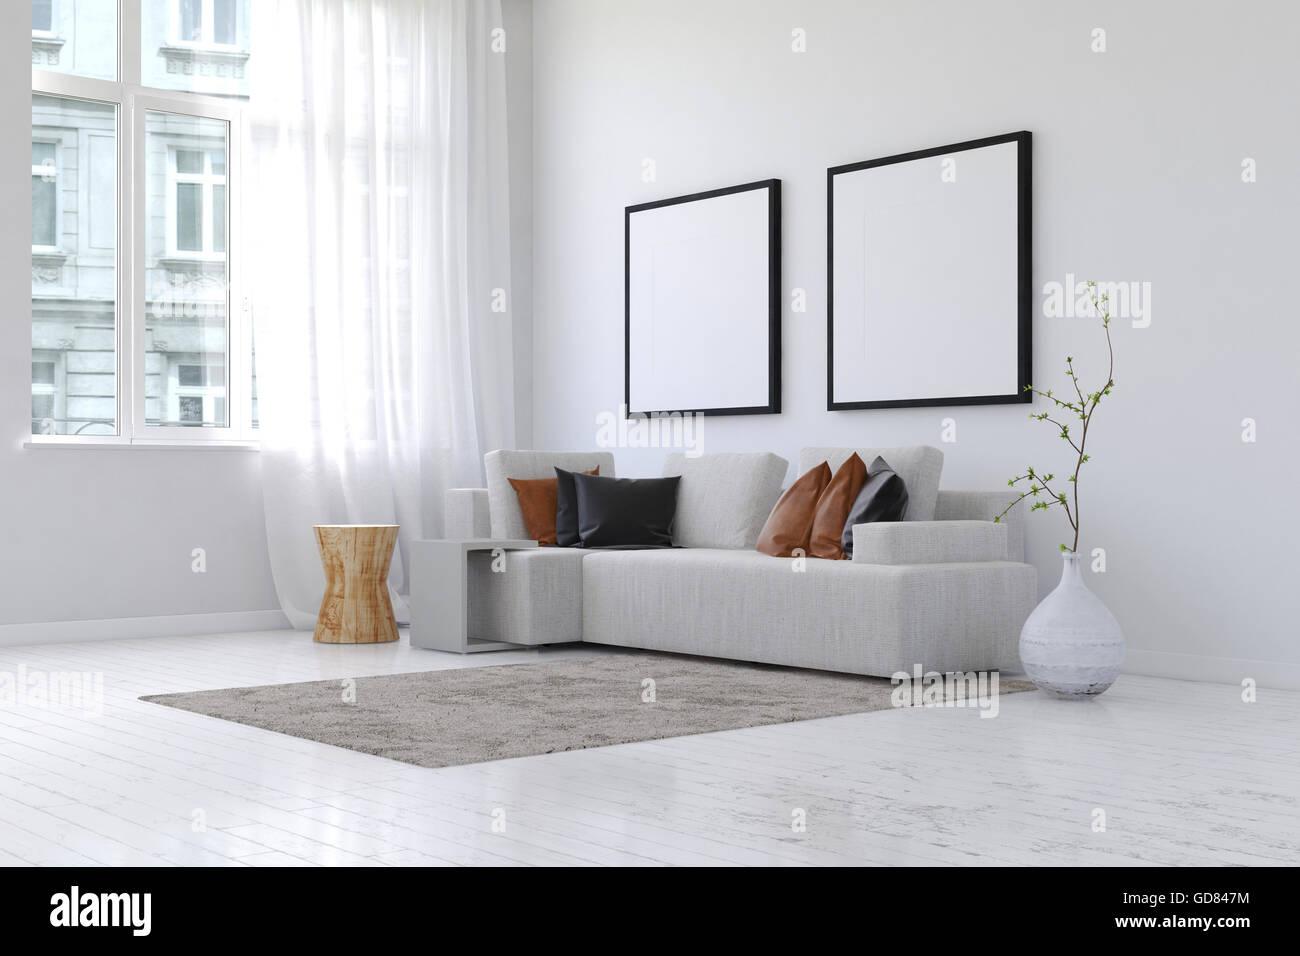 3D-Rendering des einfachen Wohnzimmer mit ordentlich angeordnet ...